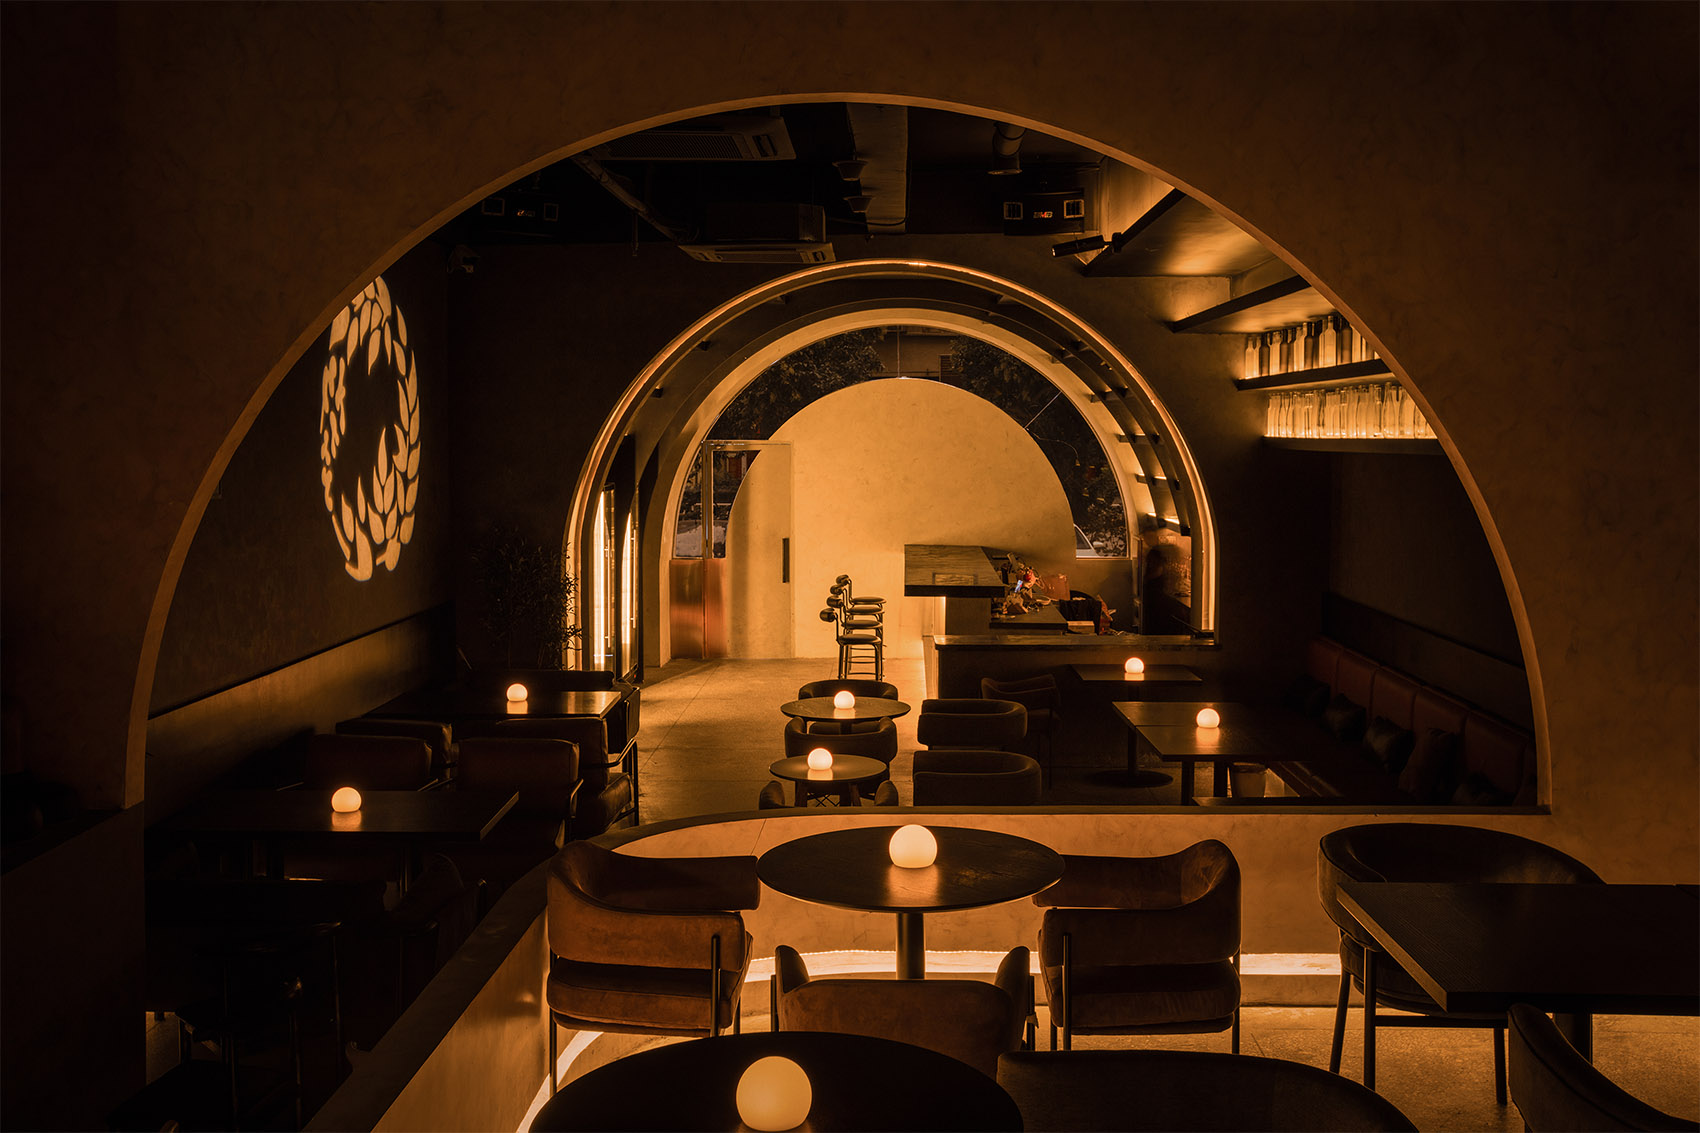 Vine藤蔓酒吧 / 视线穿越层层圆拱